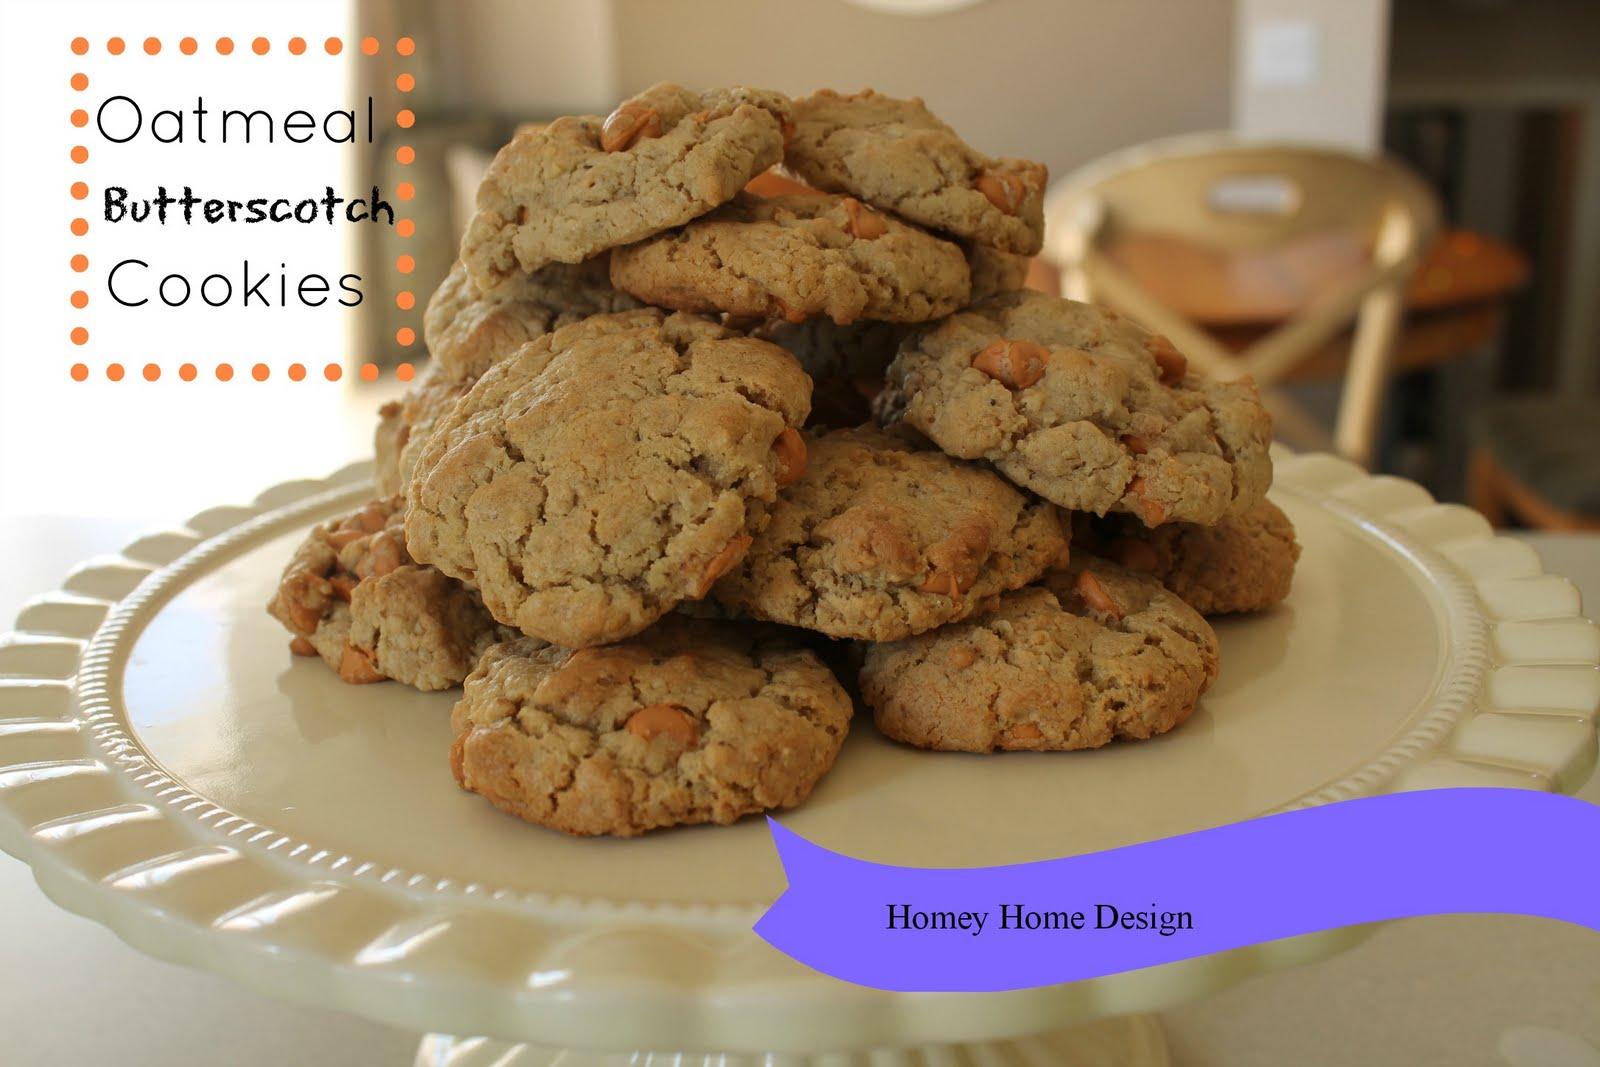 homey home design: Oatmeal Butterscotch Cookies